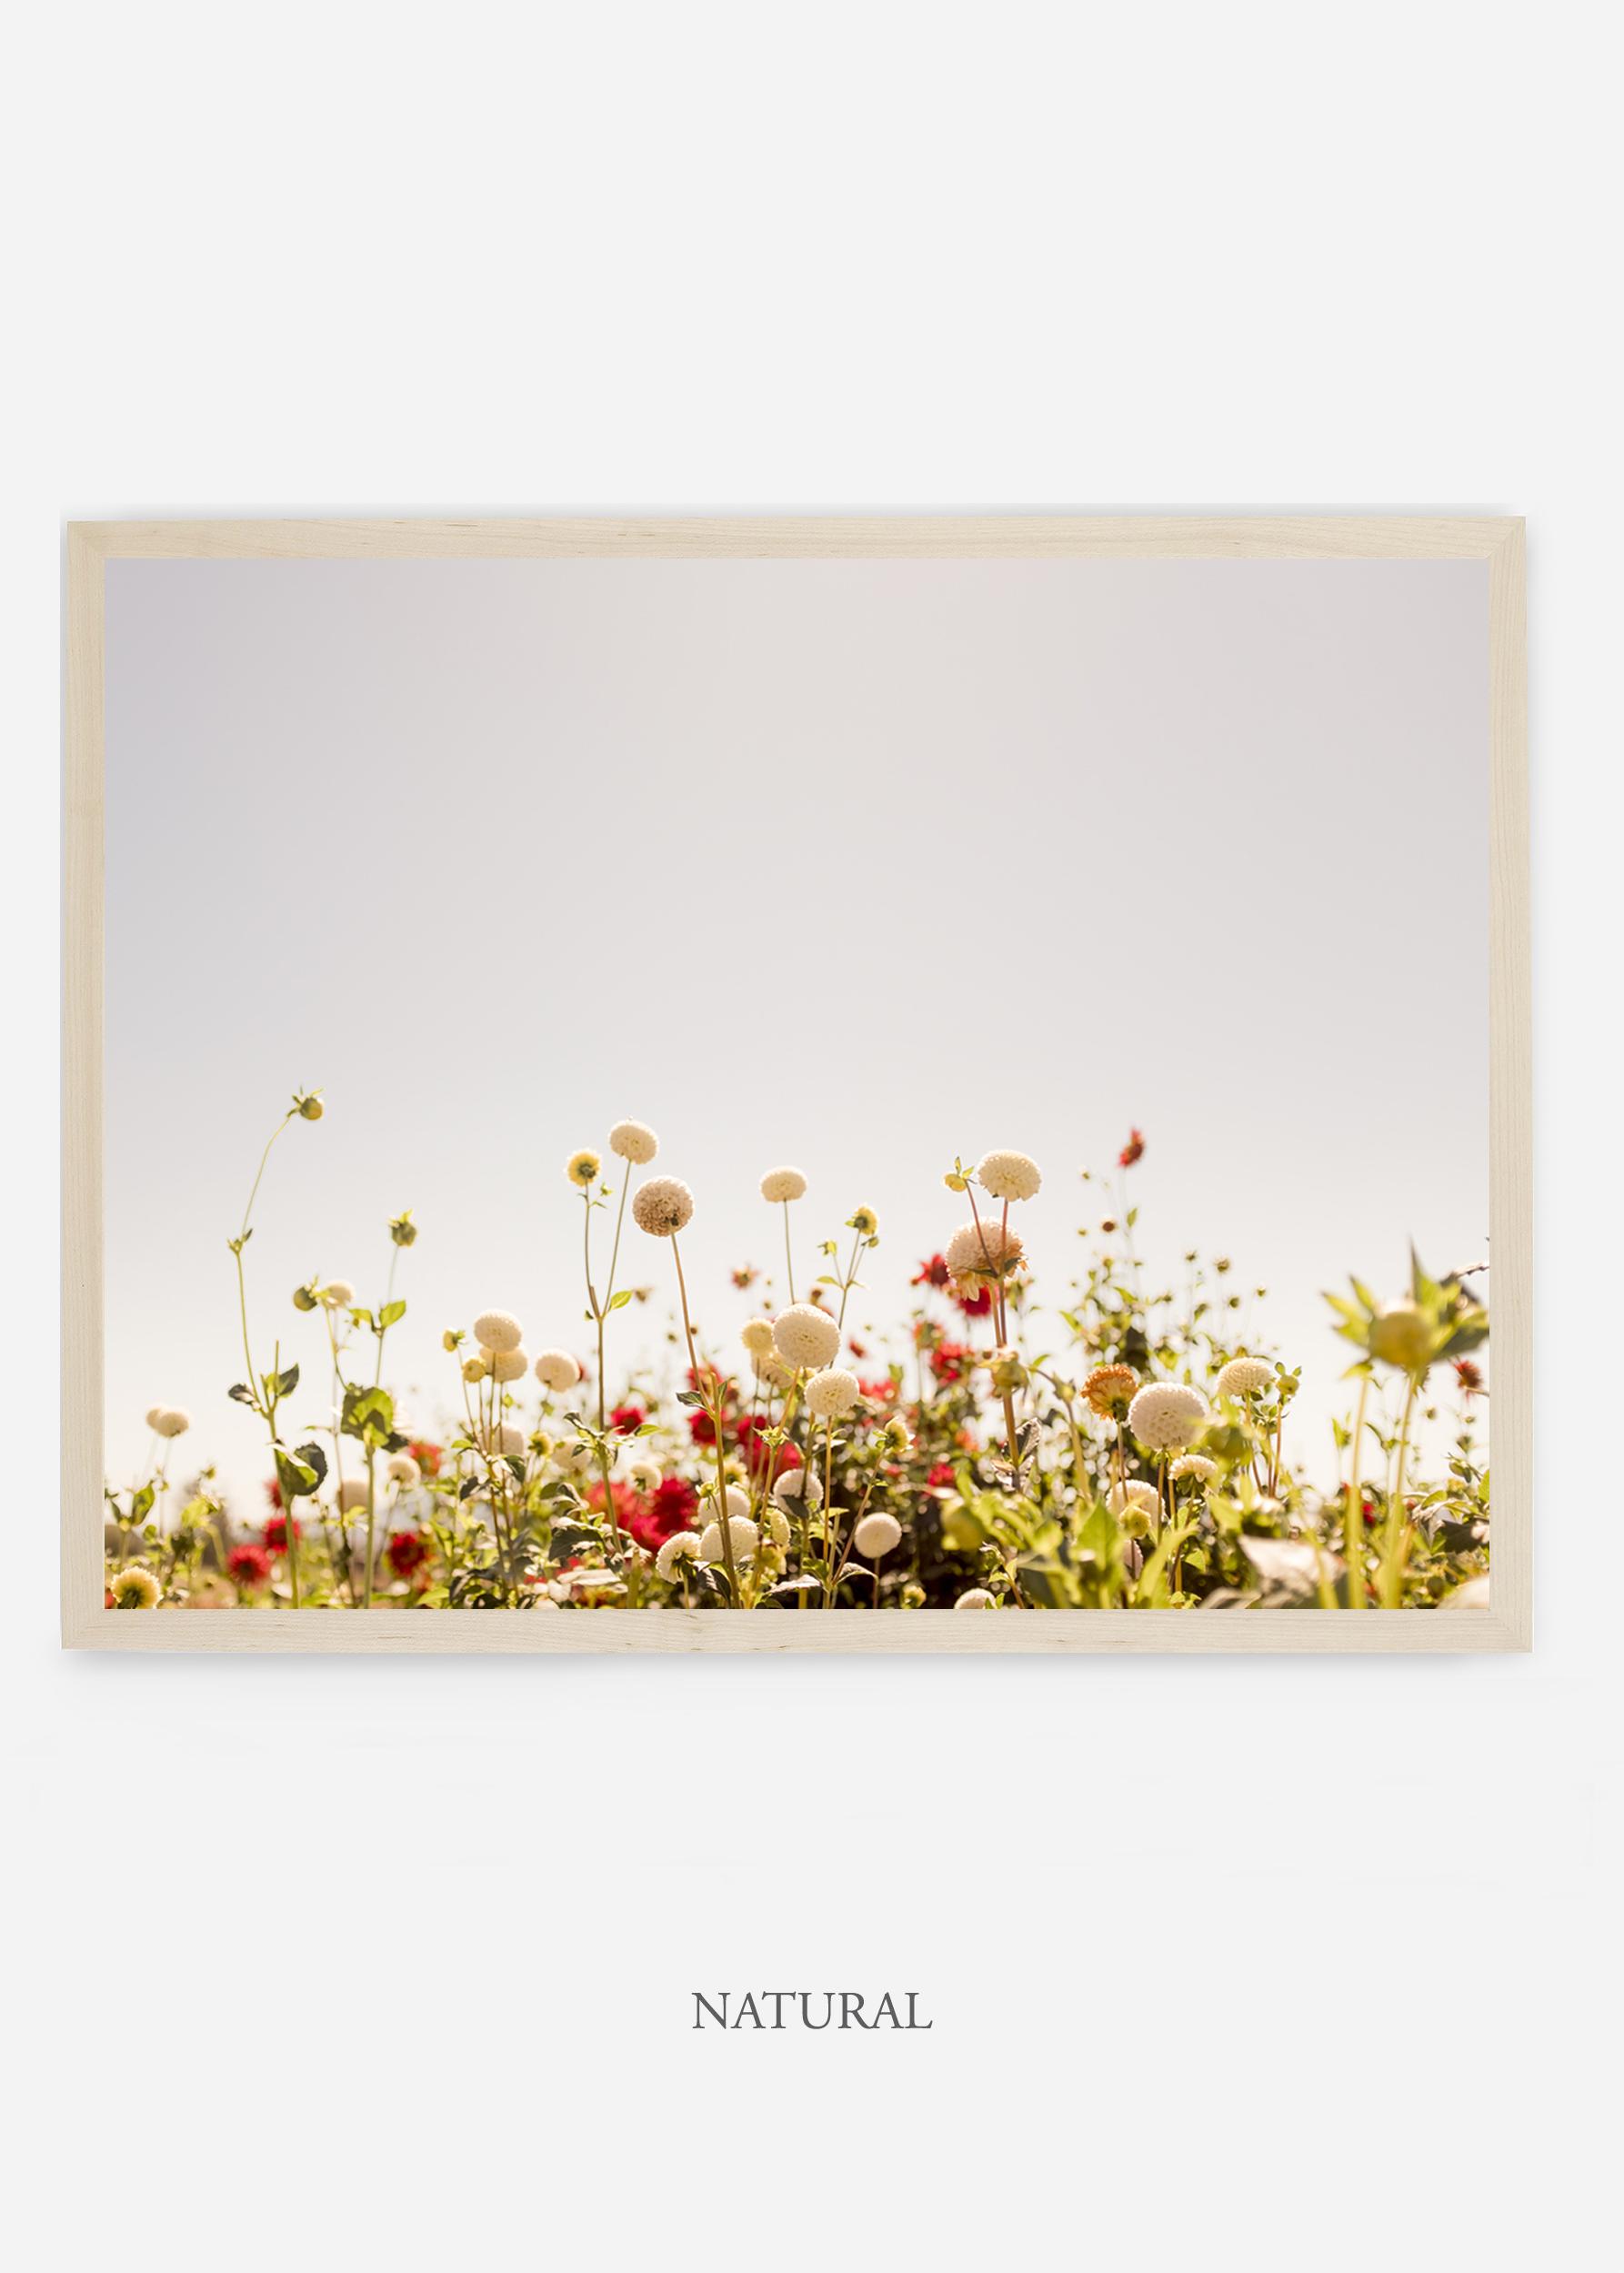 NoMat-Natural-Frame-DahliaNo.5-Wilder-California-Art-Floral-Home-decor-Prints-Dahlia-Botanical-Artwork-Interior-design.jpg